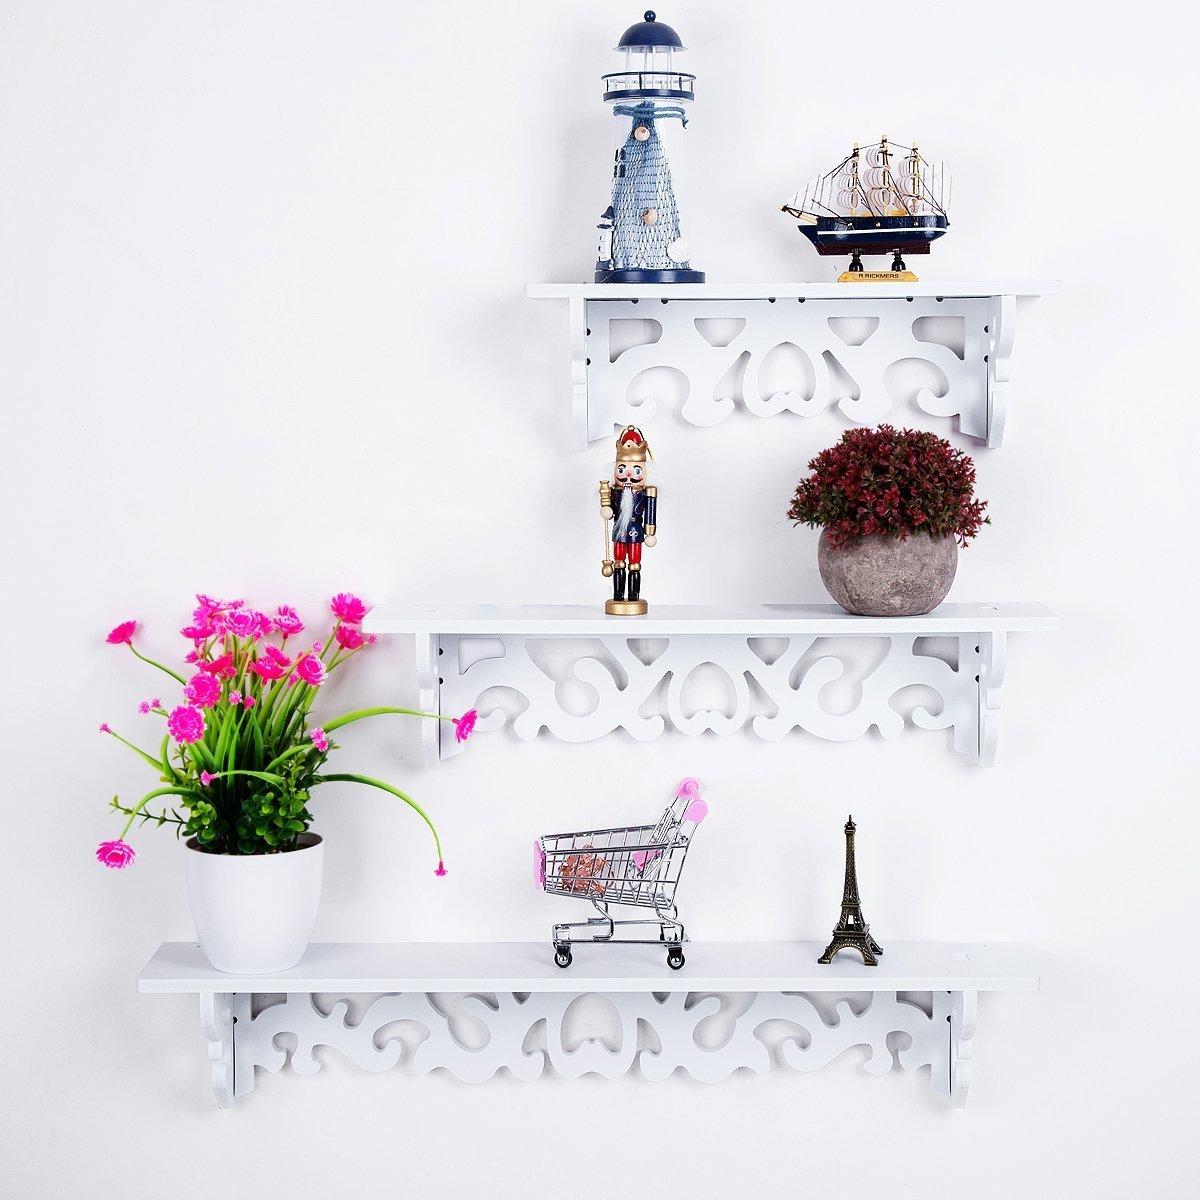 HBlife mensole decorative traforate portaoggetti da parete, libreria da parete, color bianco, confezione da 3 pezzi